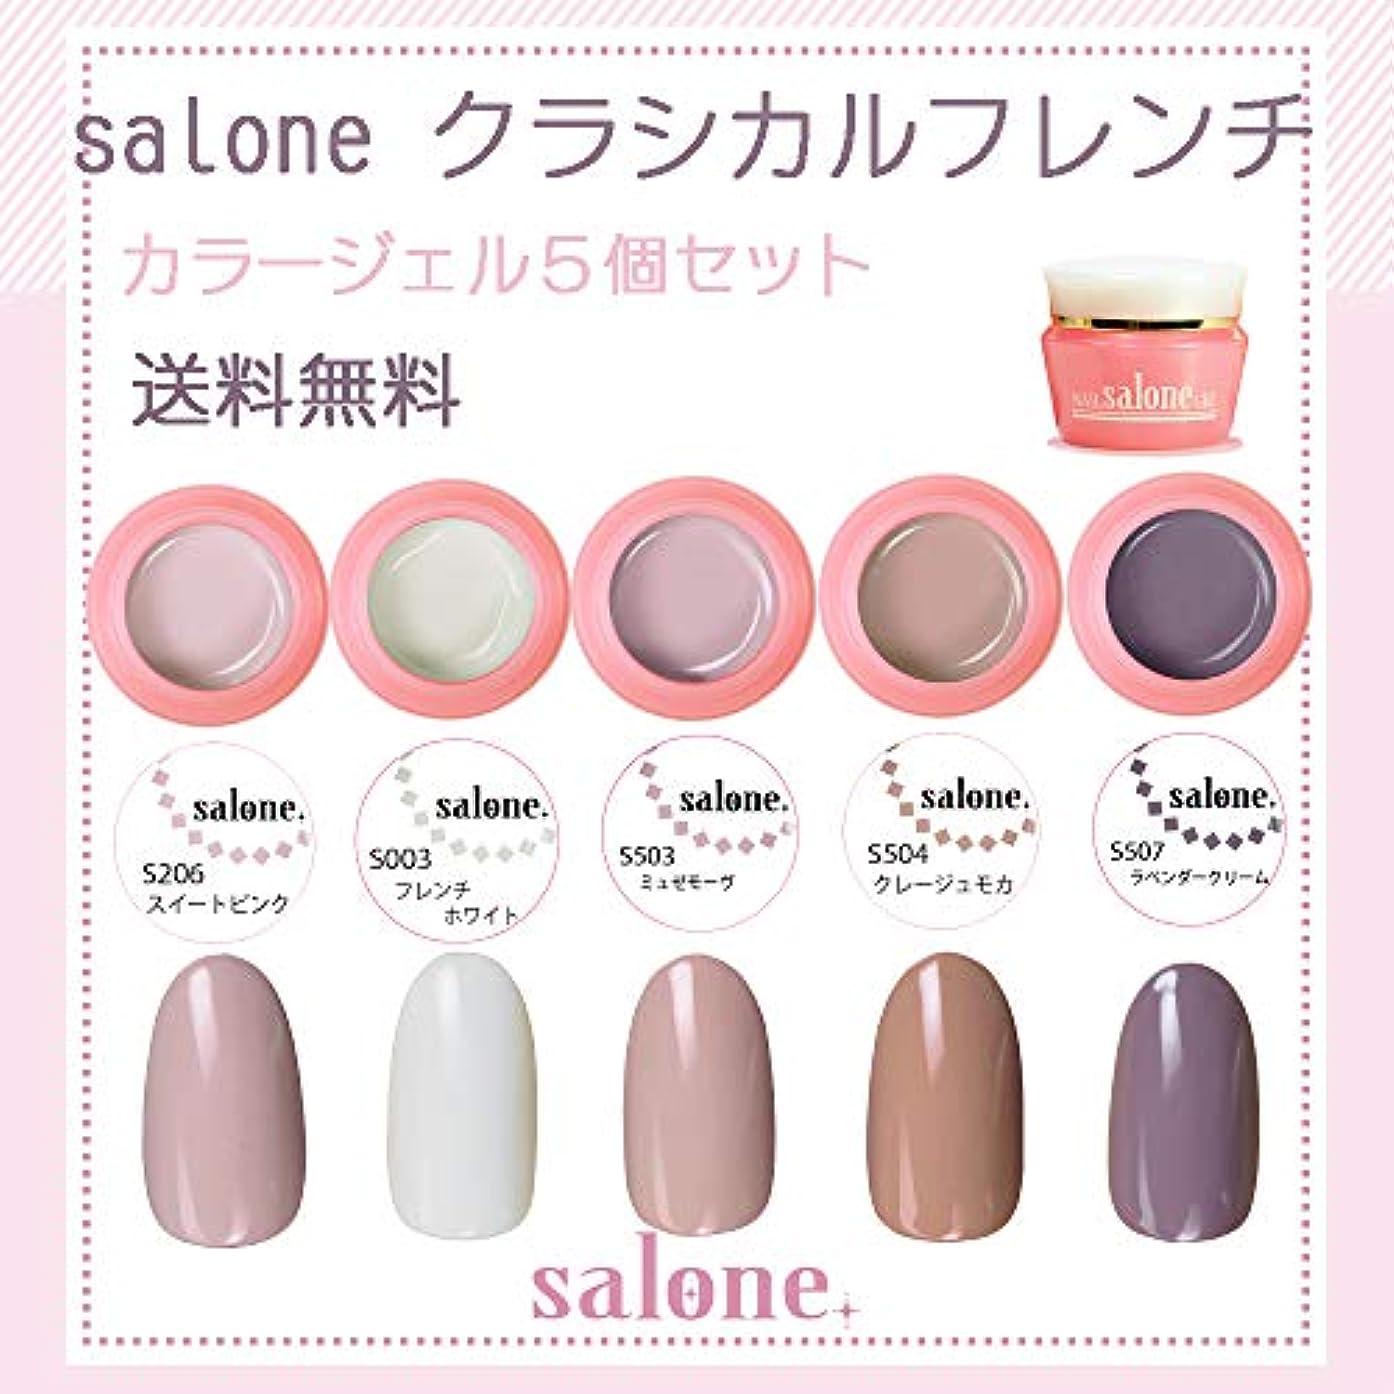 司令官慢部分的に【送料無料 日本製】Salone クラシカルフレンチ カラージェル5個セット 大人っぽくクラッシックで肌なじみの良いカラー